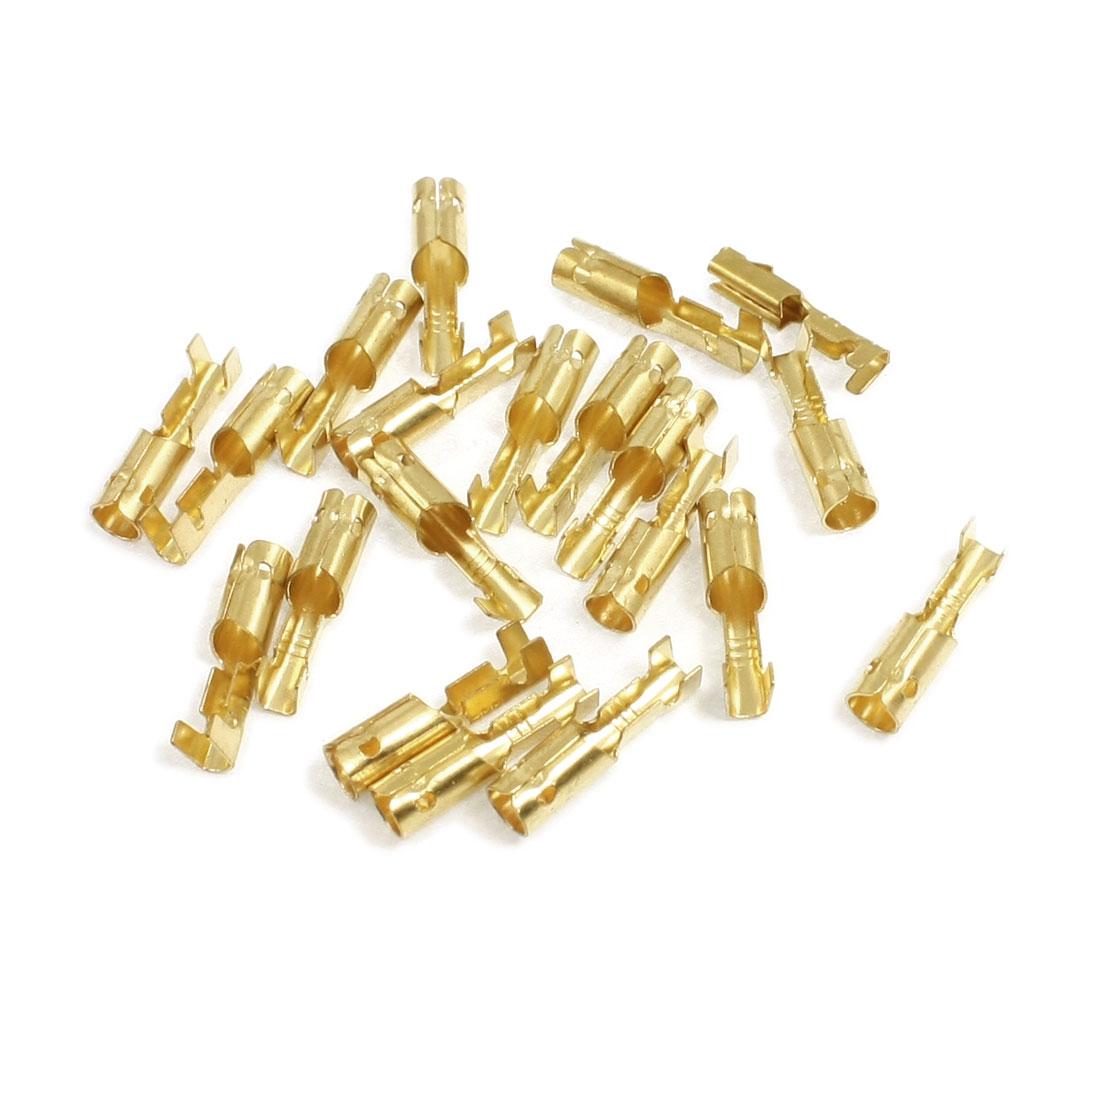 20 Pcs 3mm Diameter Wire Brass Female Crimp Terminal Connectors